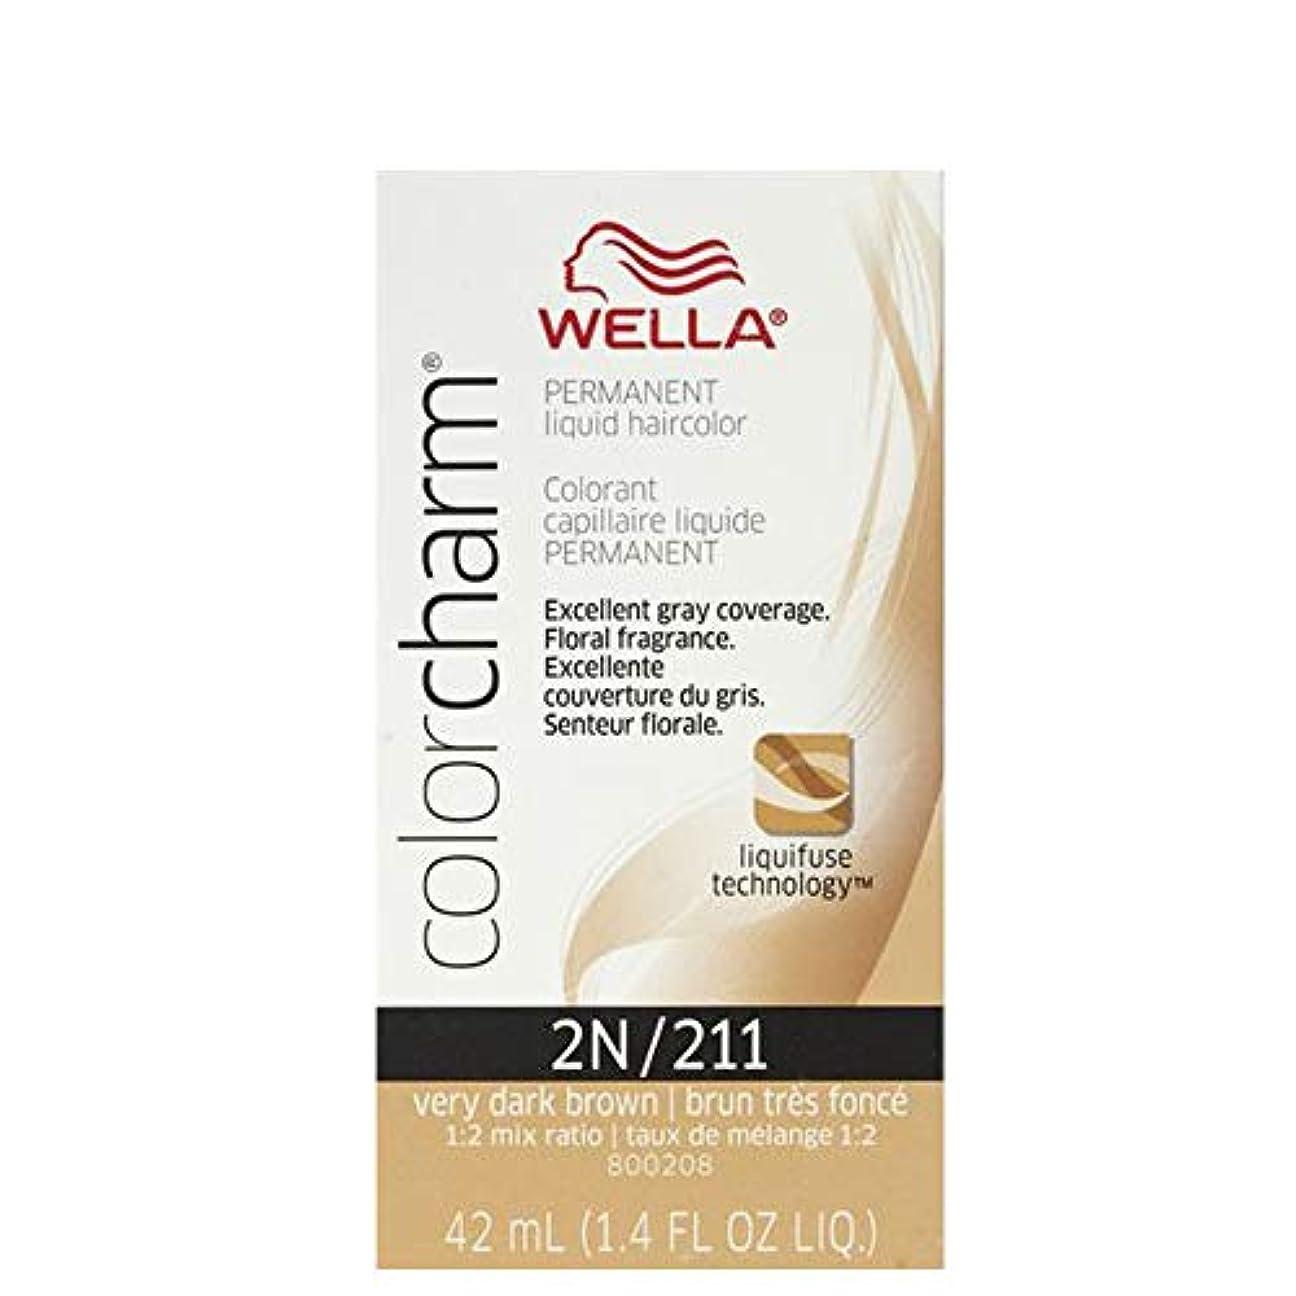 記念品大混乱感情のWella 非常にダークブラウン色のチャーム液体パーマネントヘアカラー